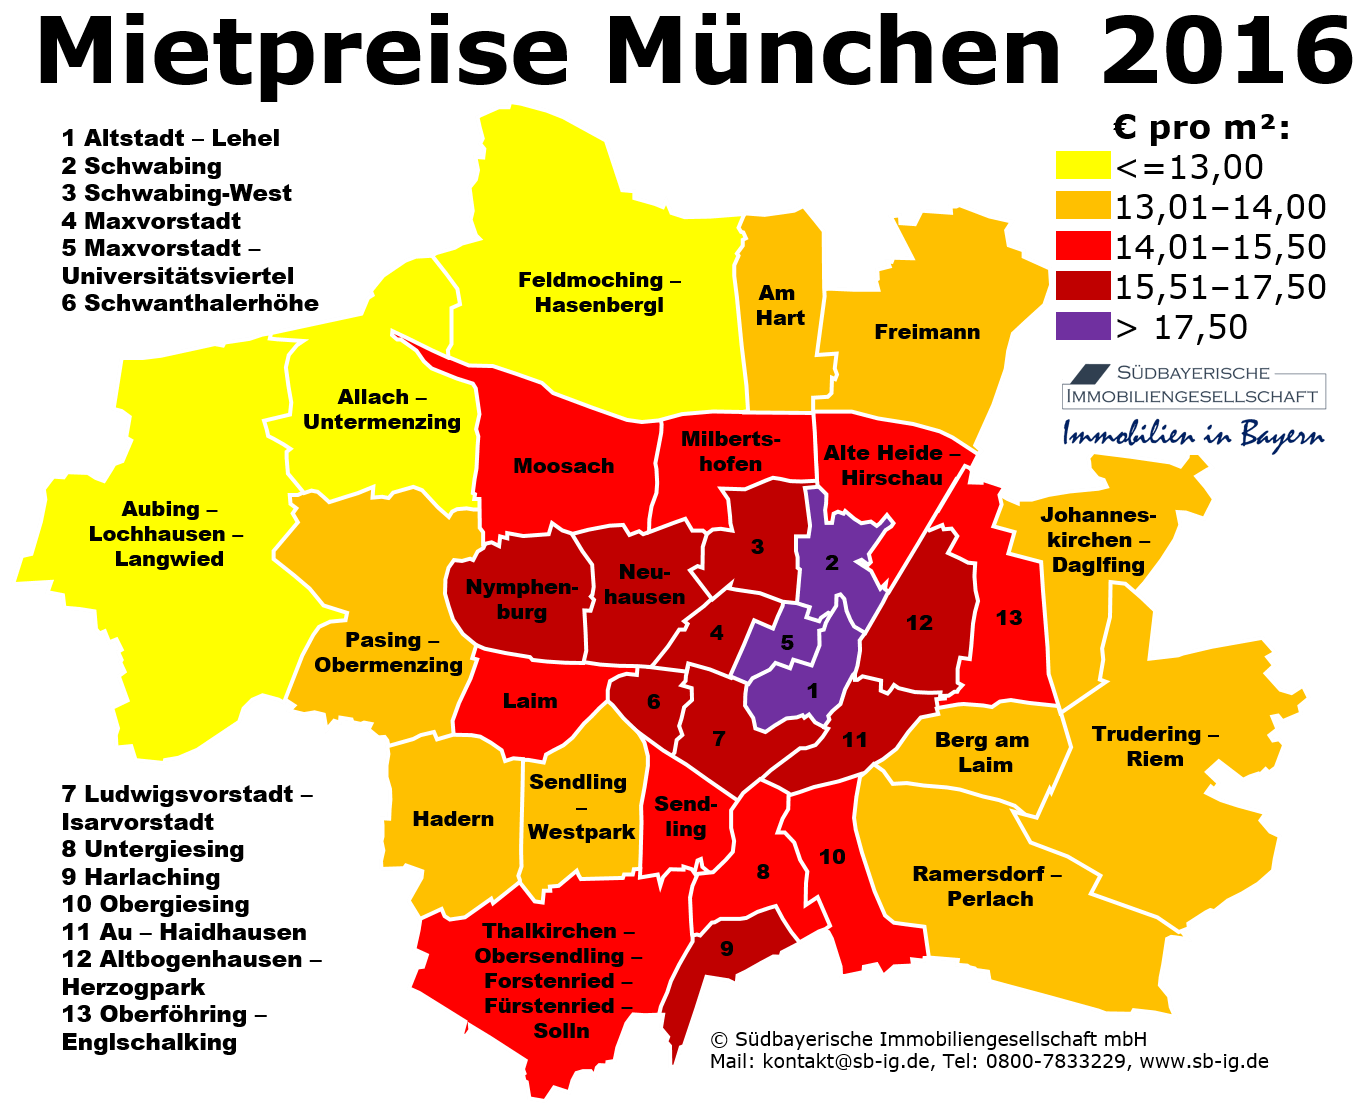 mietspiegel deutschland karte Maxvorstadt Karte | Deutschland Karte